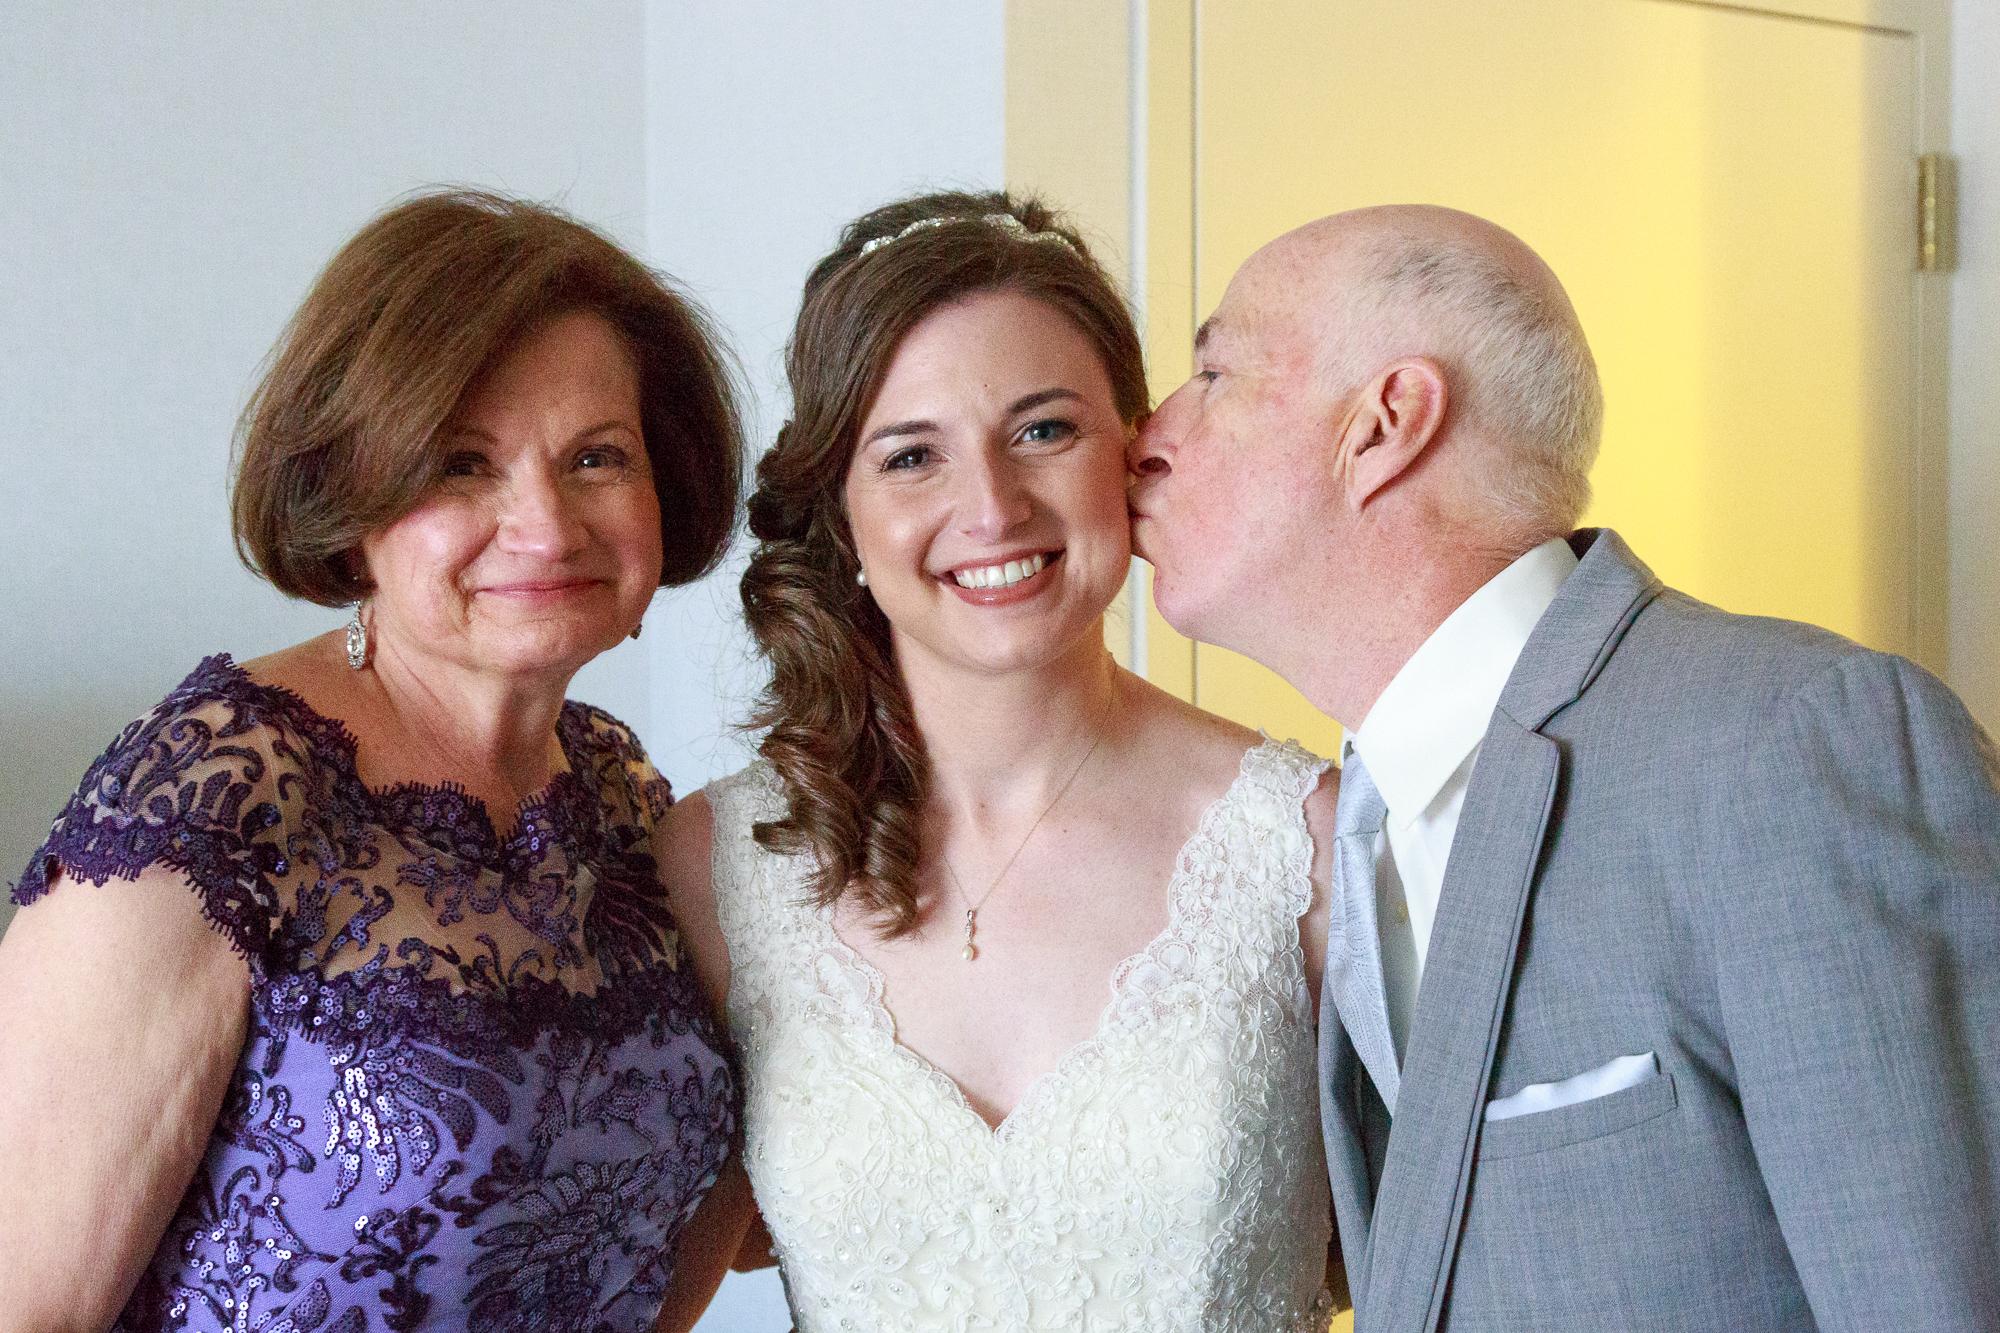 scranton-wedding-photography-zak-zavada-poconos--kellyGeoff-009.jpg